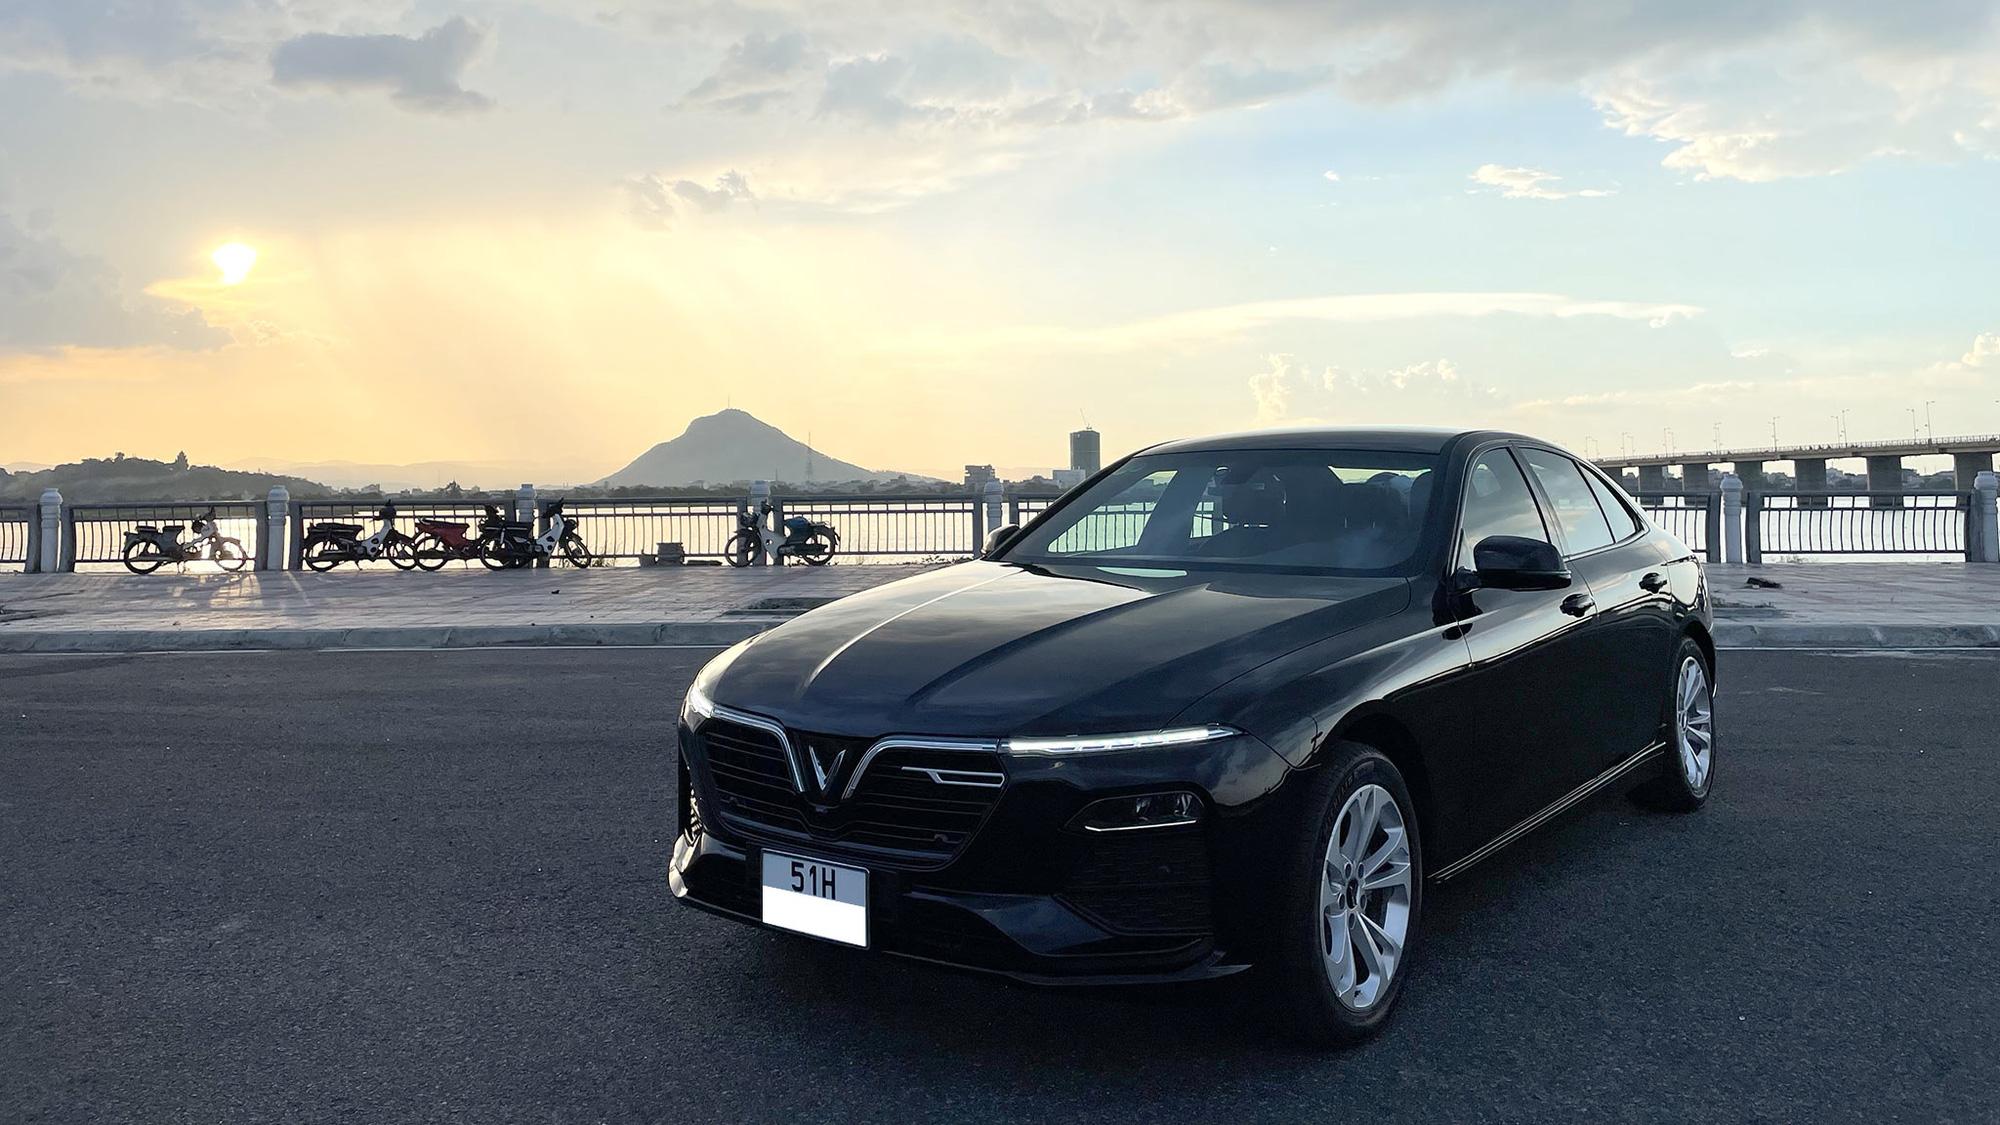 Chủ xe VinFast Lux A2.0 nói thẳng về khả năng vận hành và cách âm  - Ảnh 3.